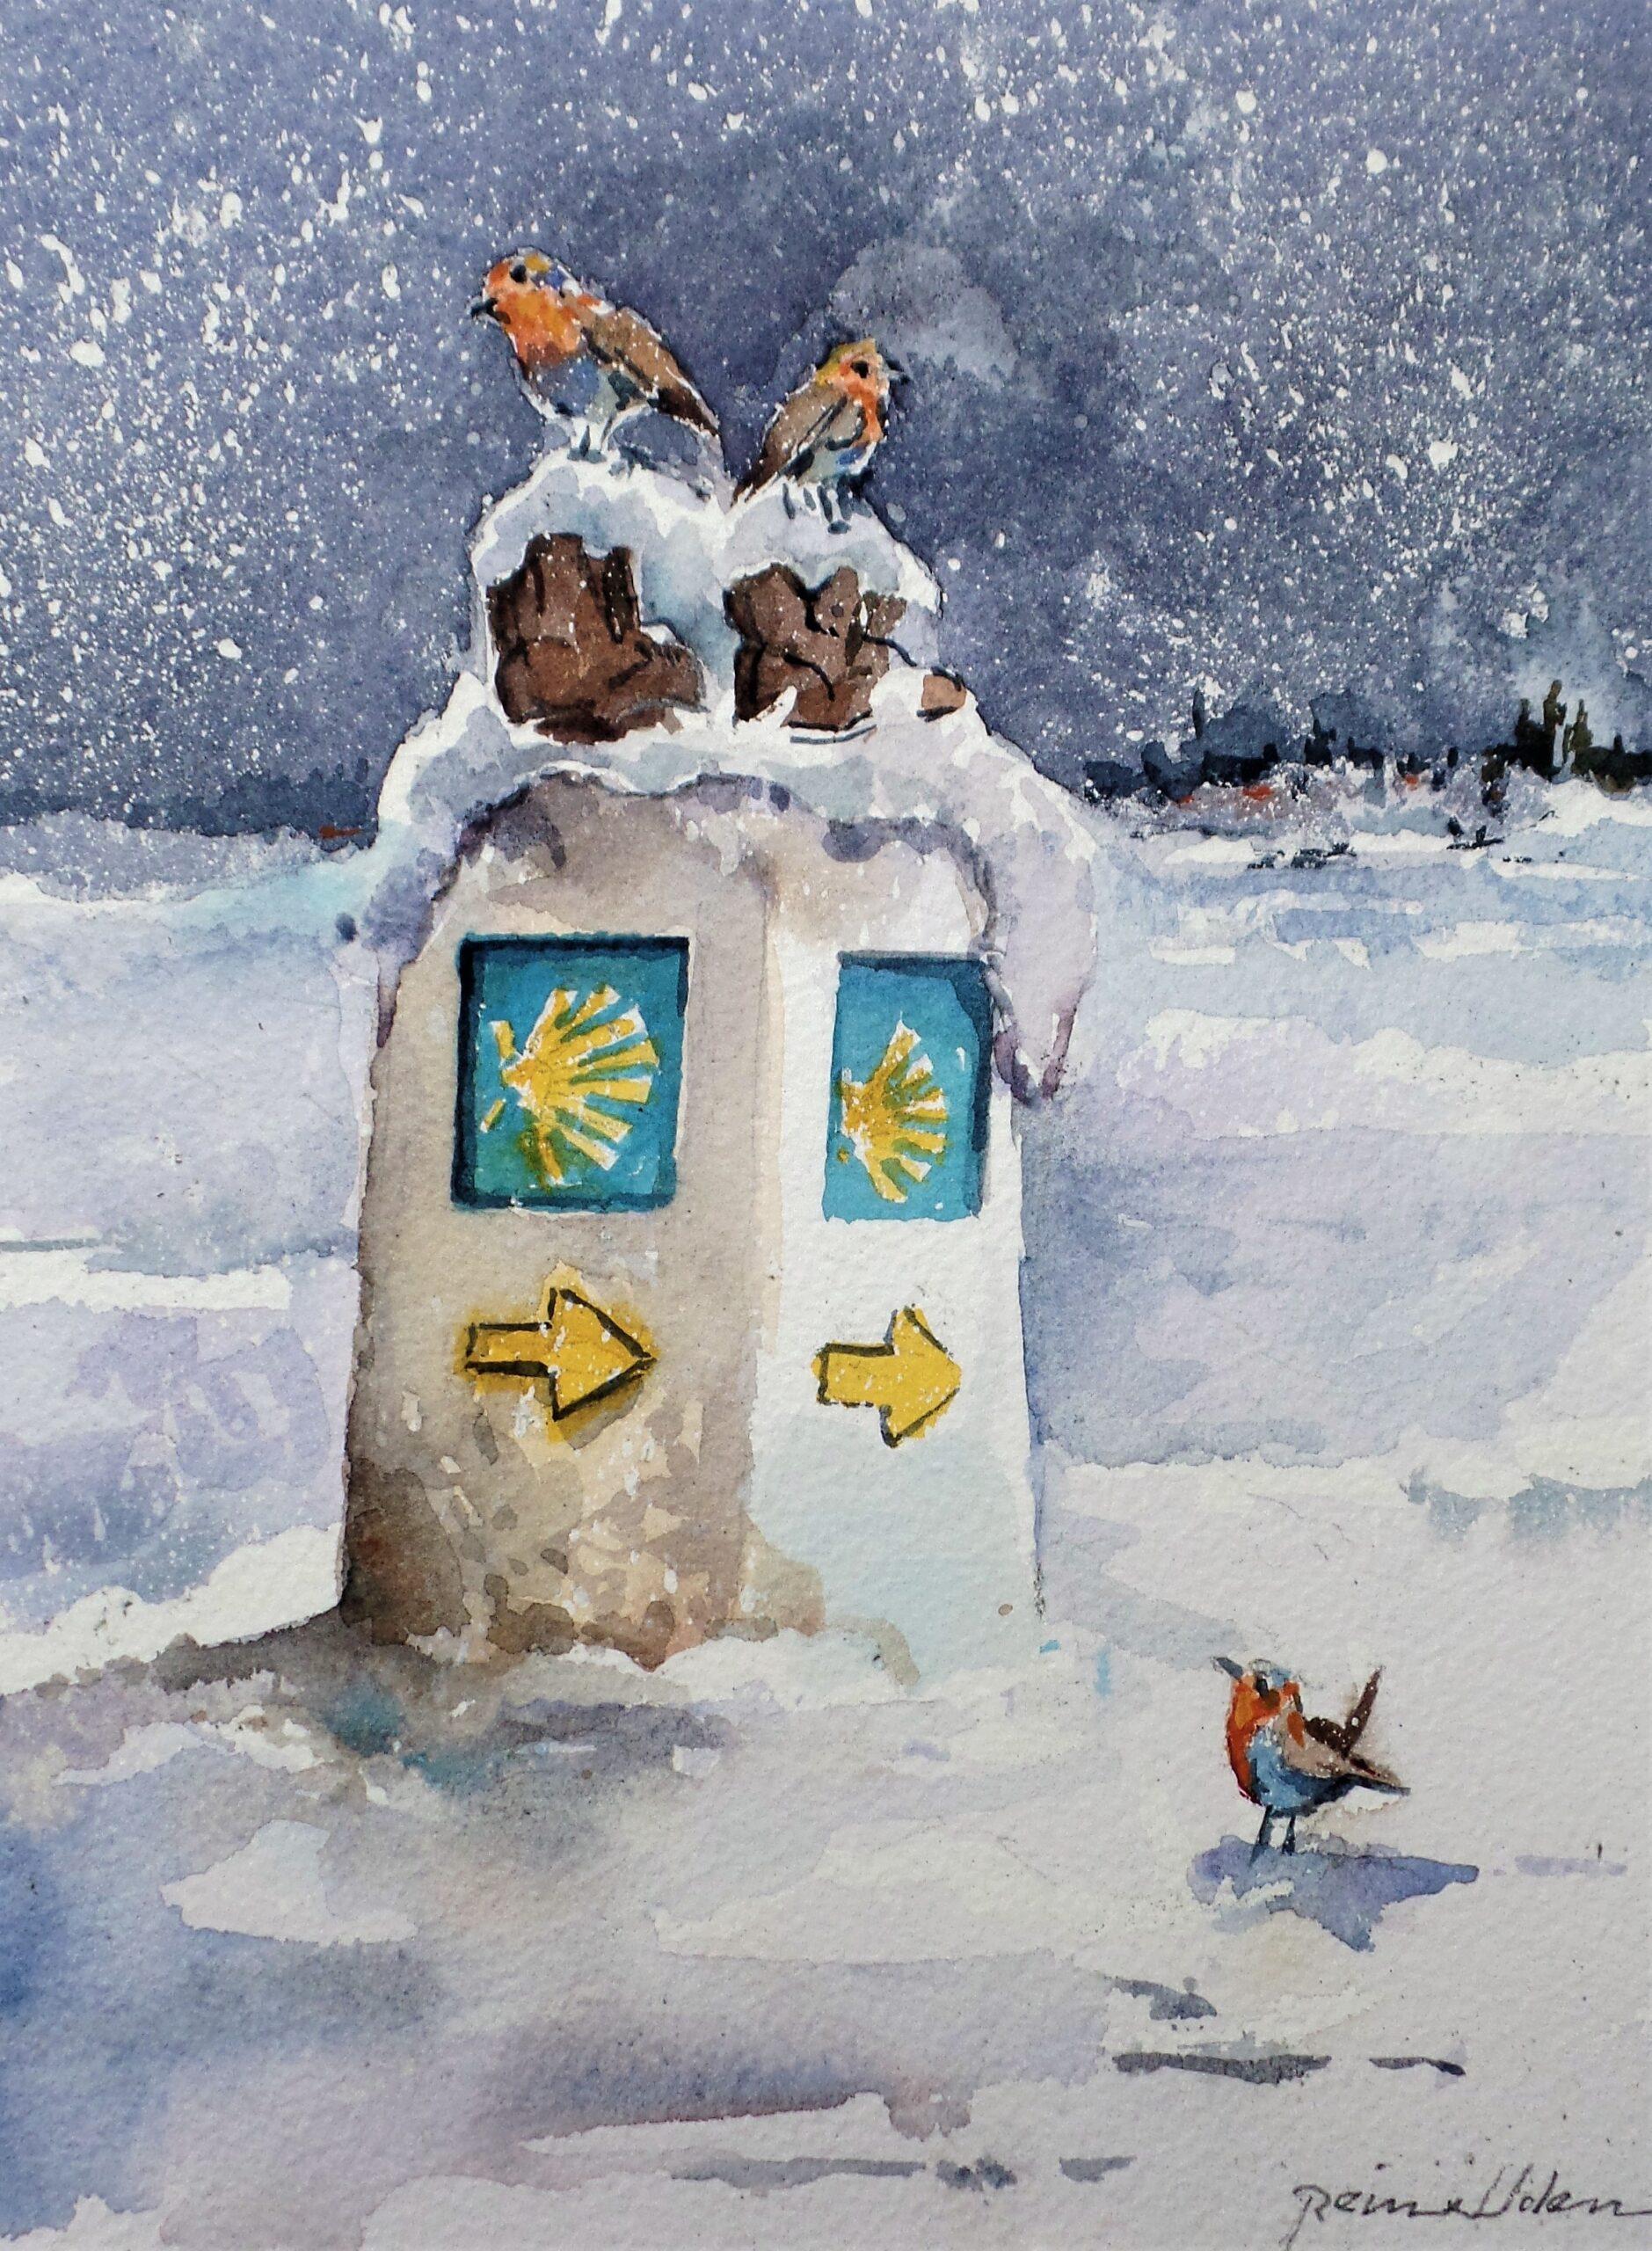 Een winter tafereel. Het sneeuwt. Op het caminopaaltje staat een schoen die overdekt is met sneeuw. Hierop staan twee roodborstjes. Op de grond kijkt een derde roodborstje omhoog naar de twee roodborstjes op de schoen.